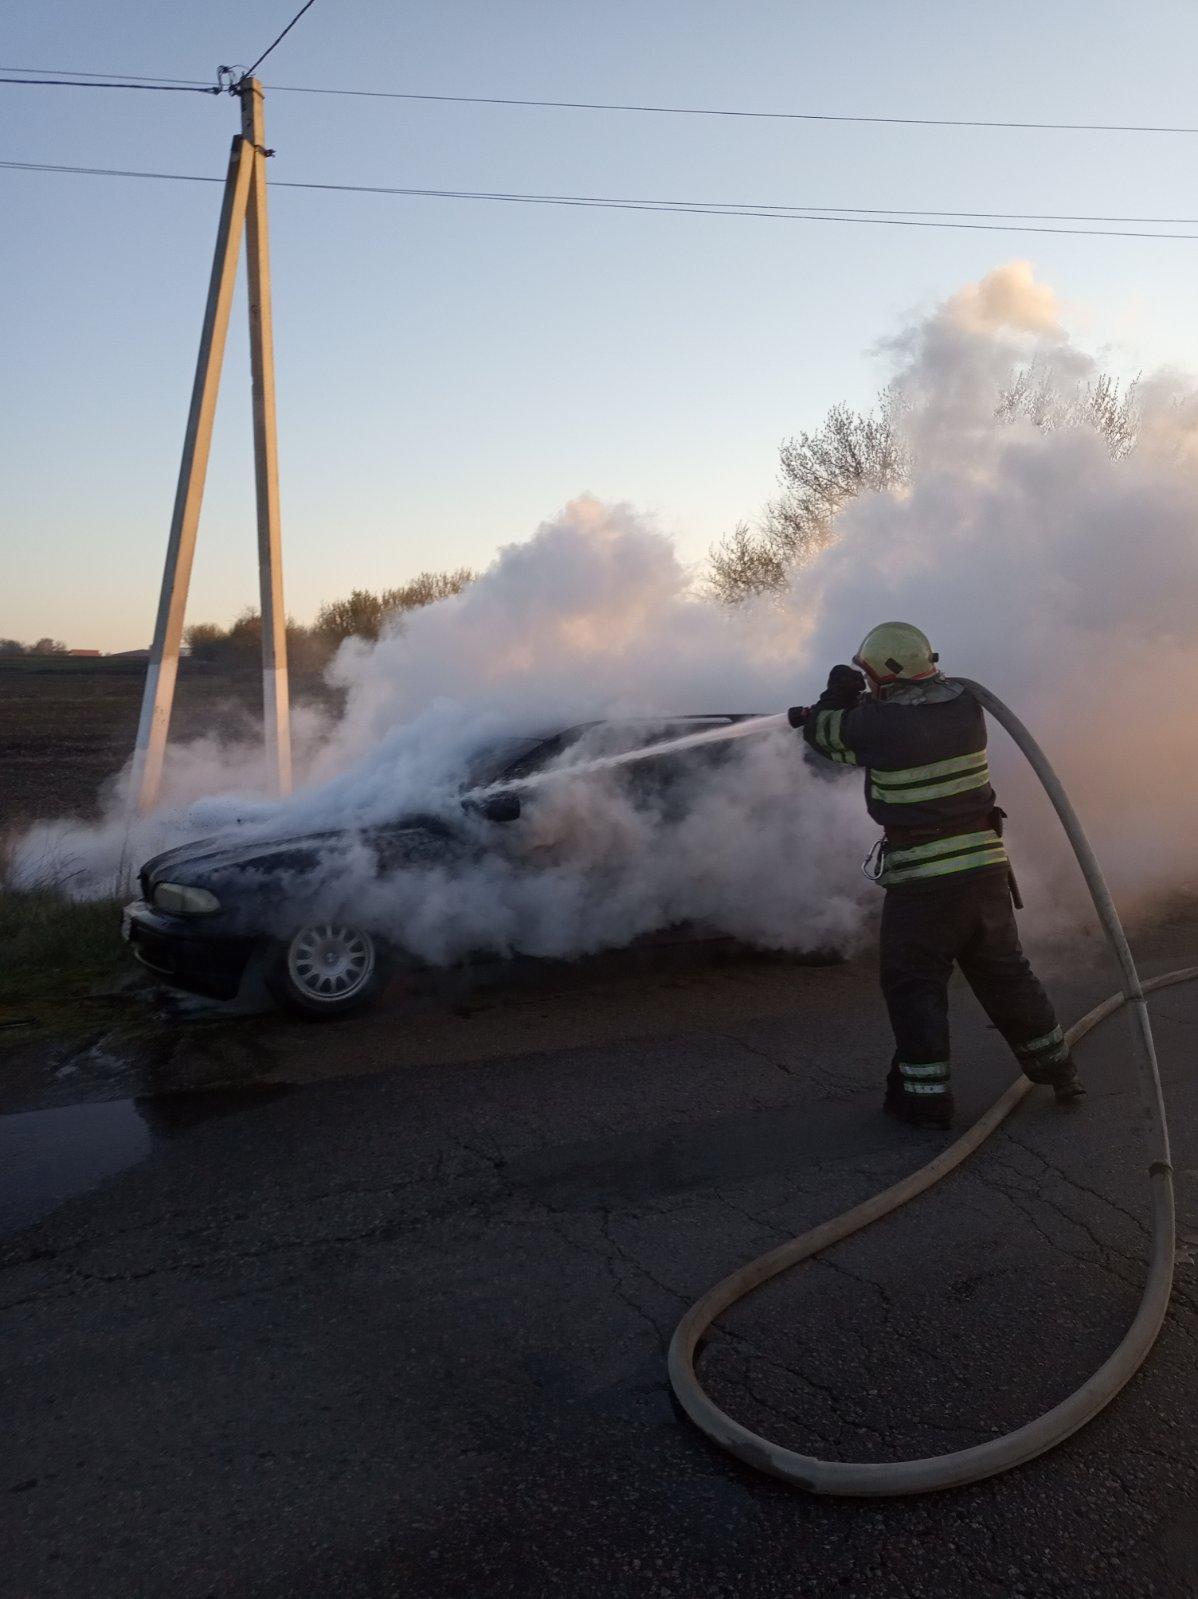 У Миронівці вогонь пошкодив BMW -  - IMG 052c67a65b5430fe38c10df29f78f72c V